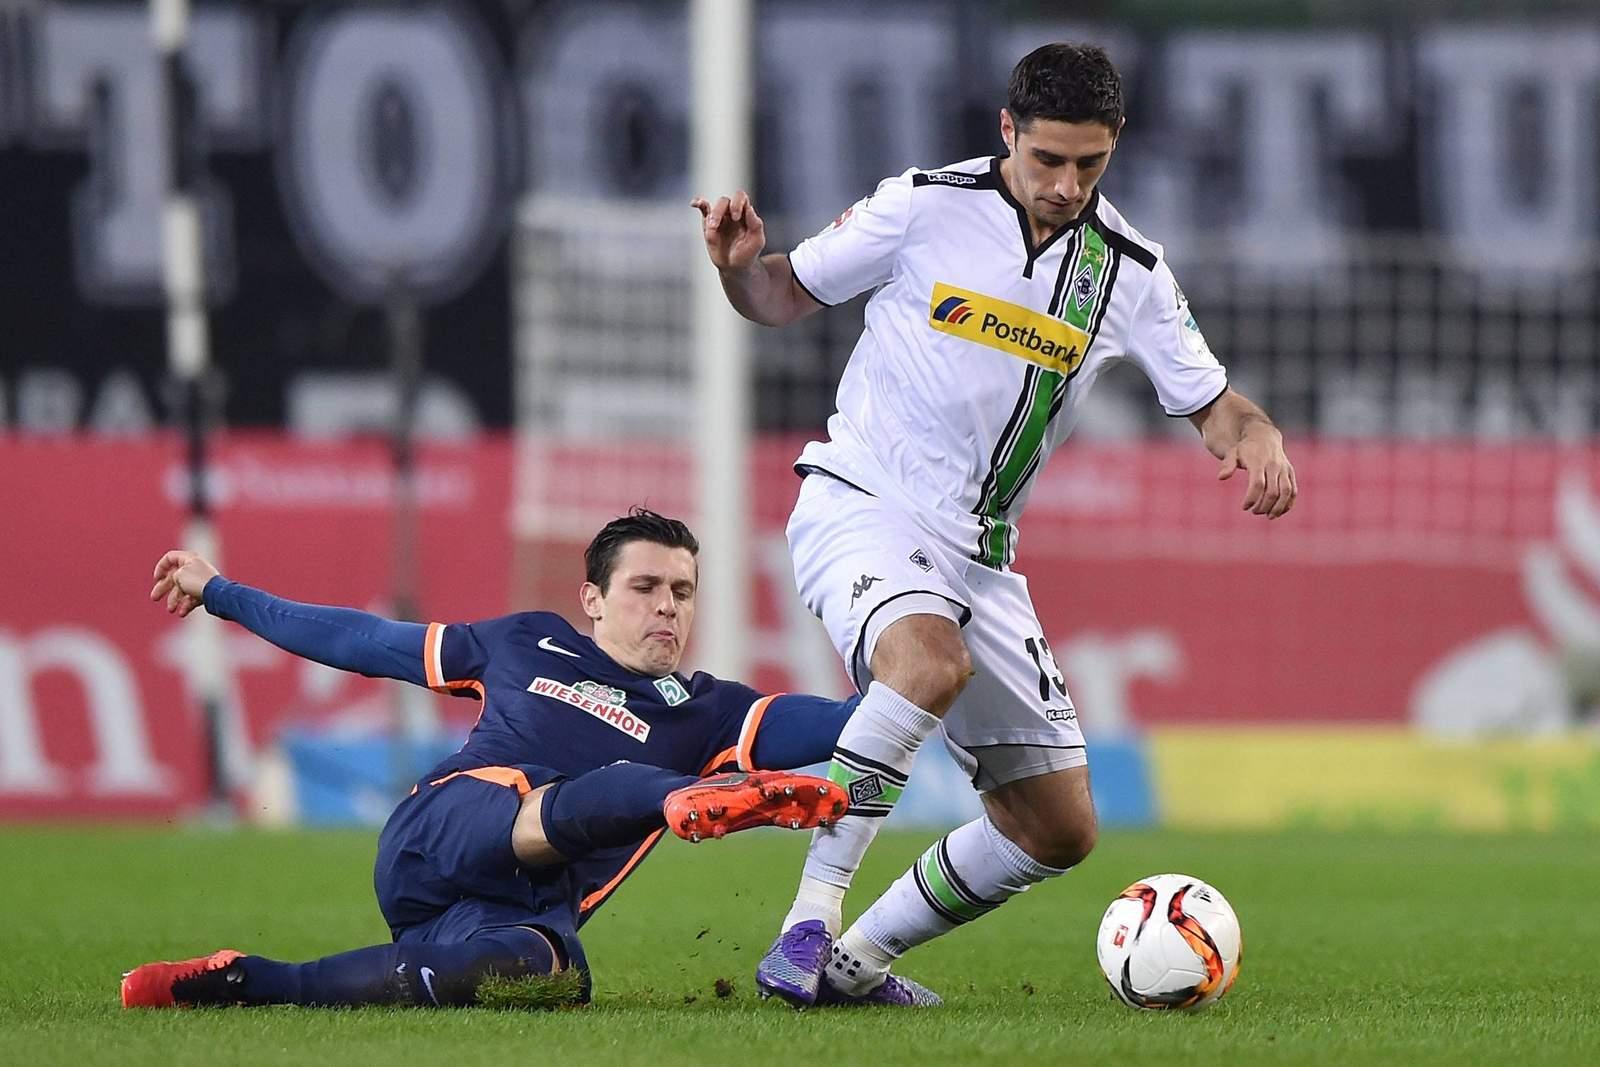 Zlatko Junuzovic im Duell mit Lars Stindl. Jetzt auf die Partie Gladbach gegen Werder Bremen wetten.